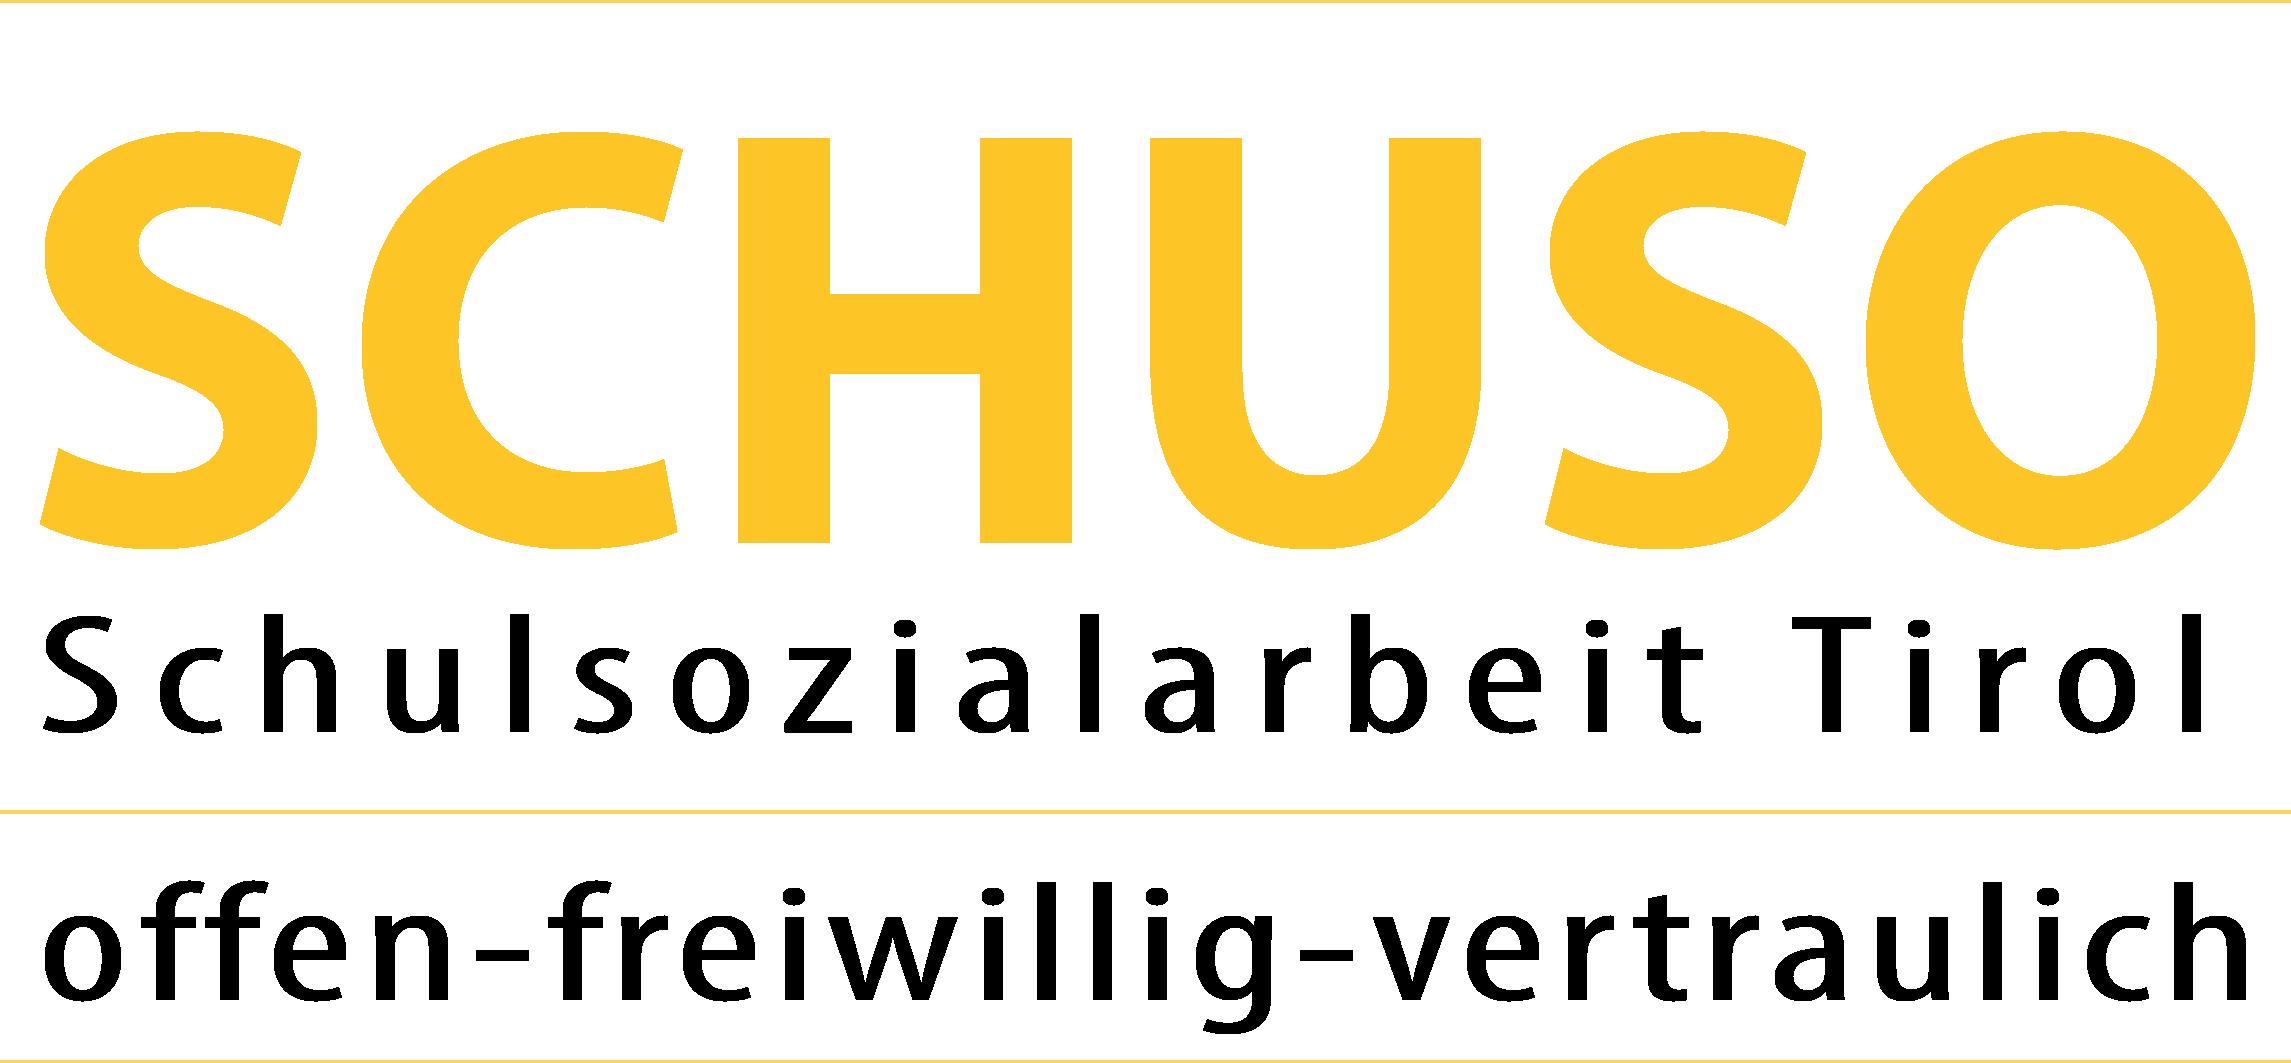 schuso-Logo_4